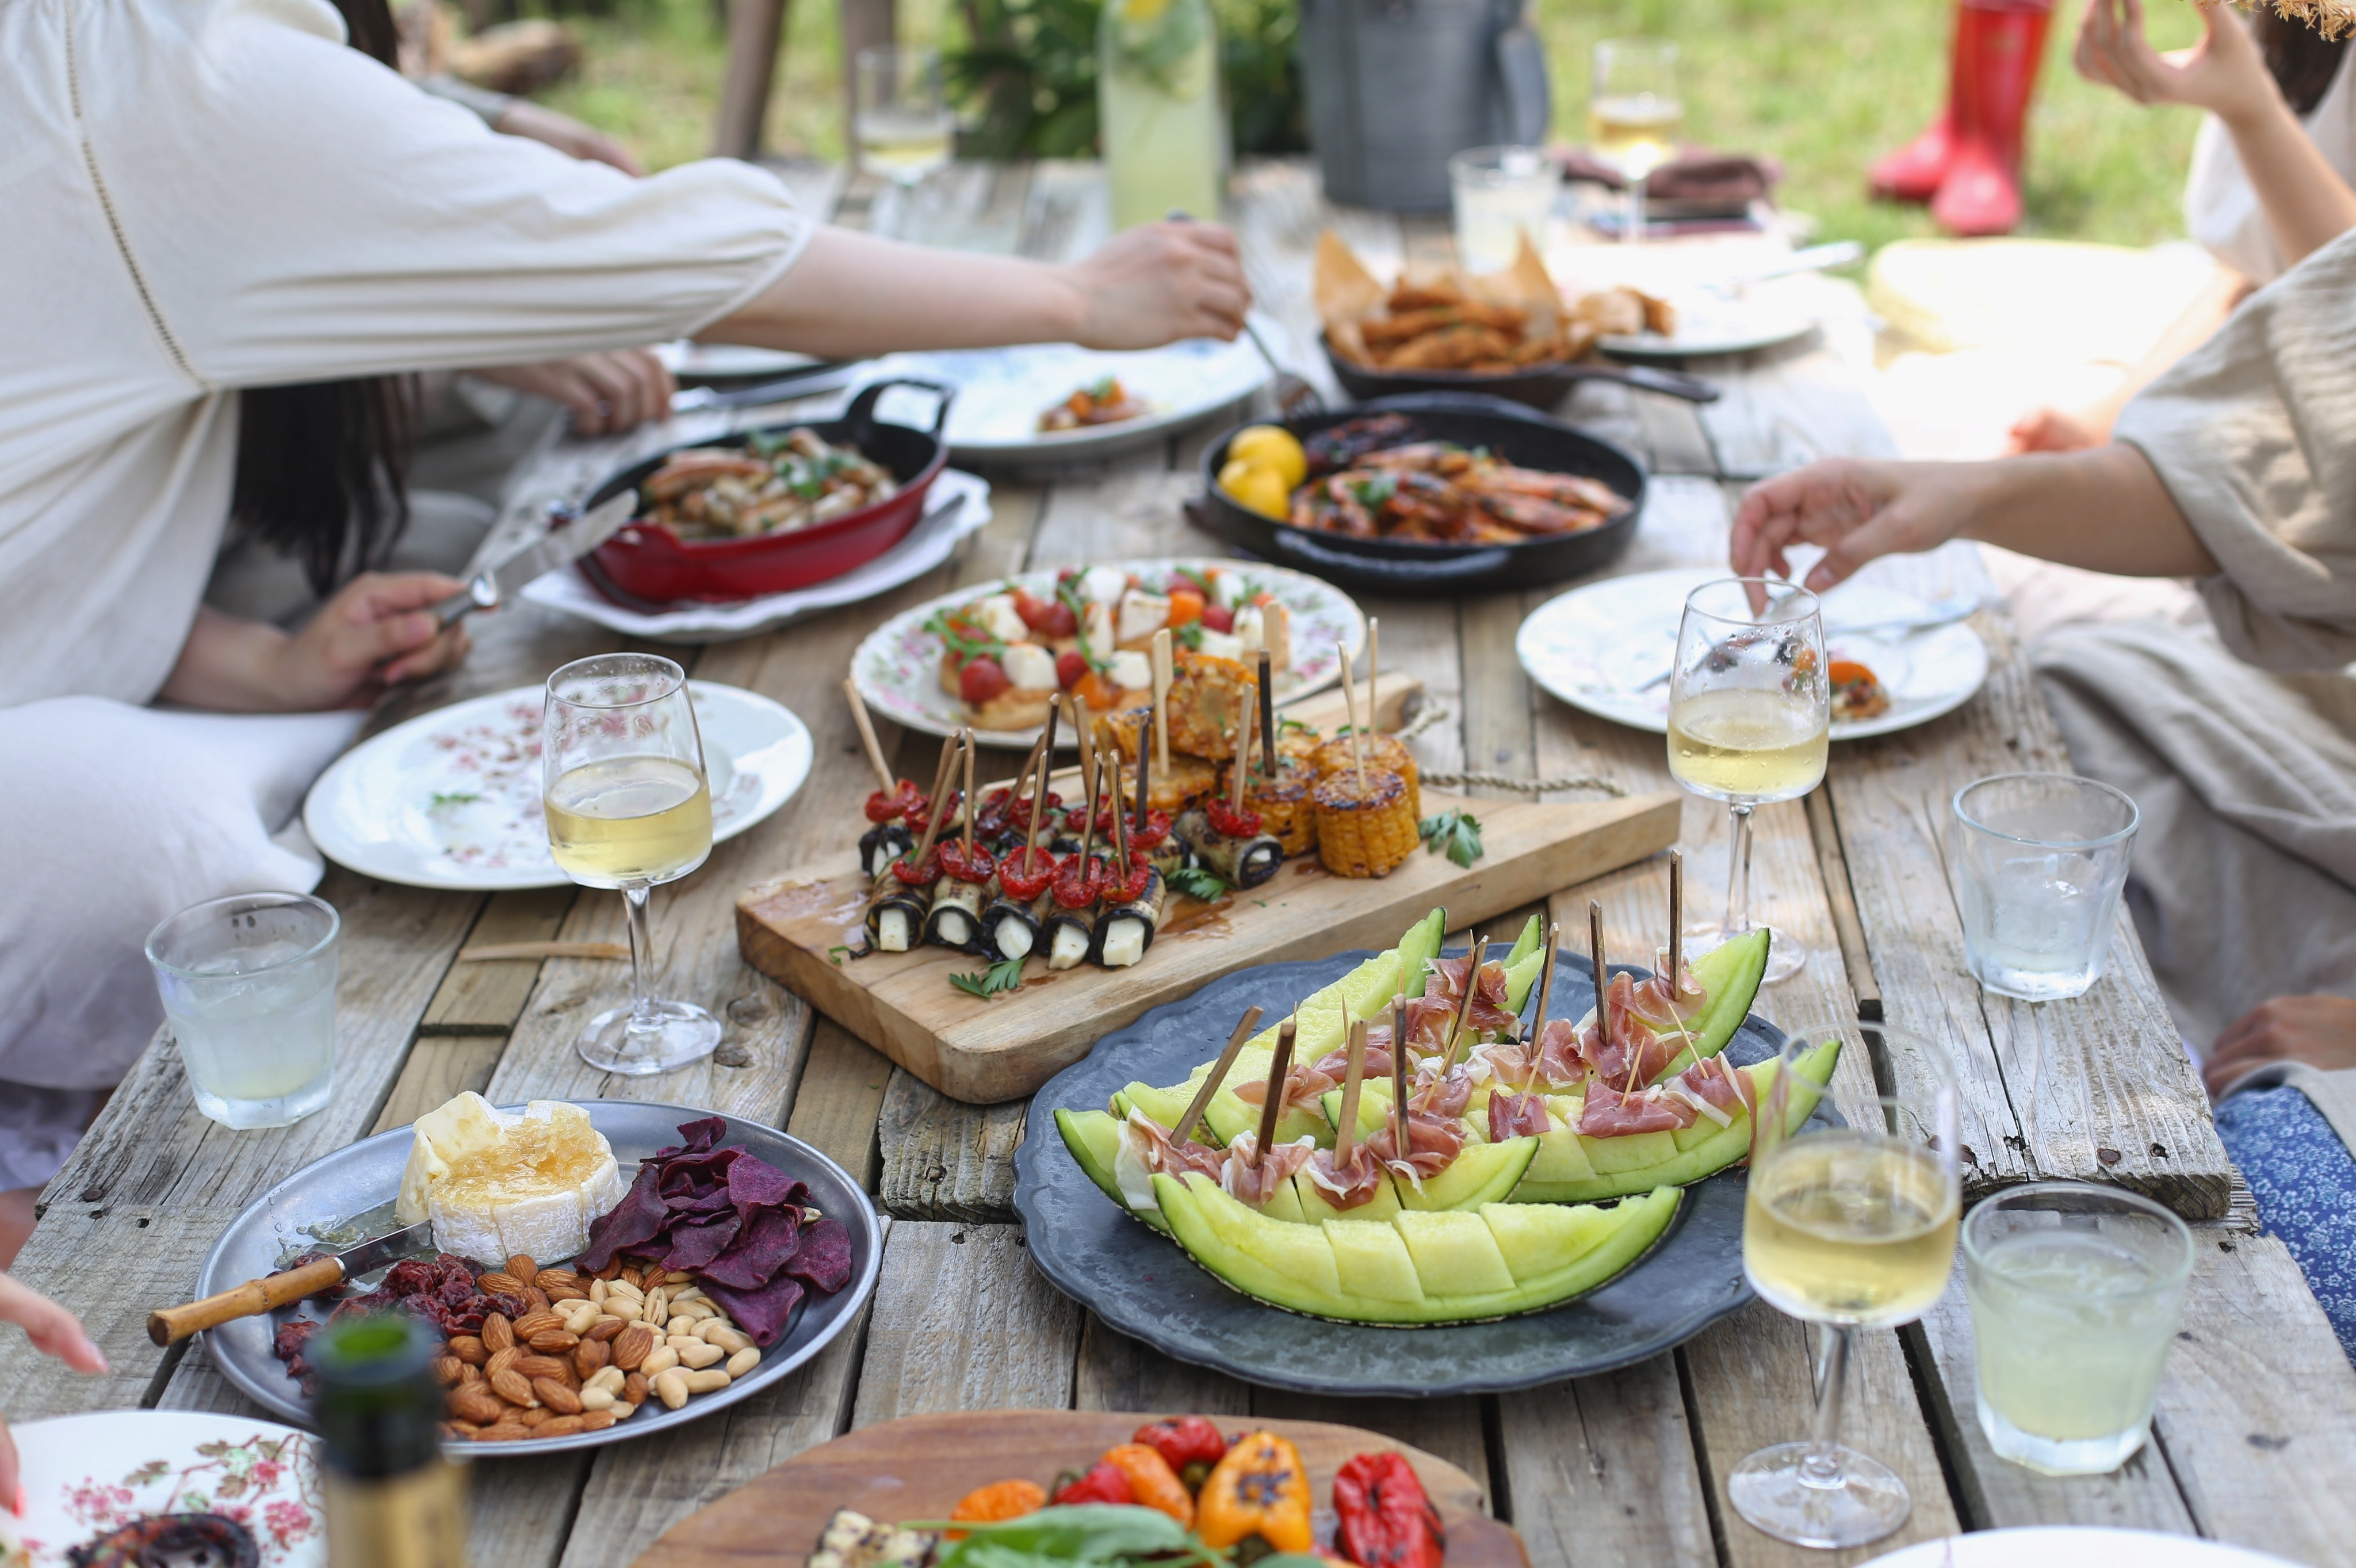 La Dieta Mediterránea, un ejemplo de alimentación sana y saludable